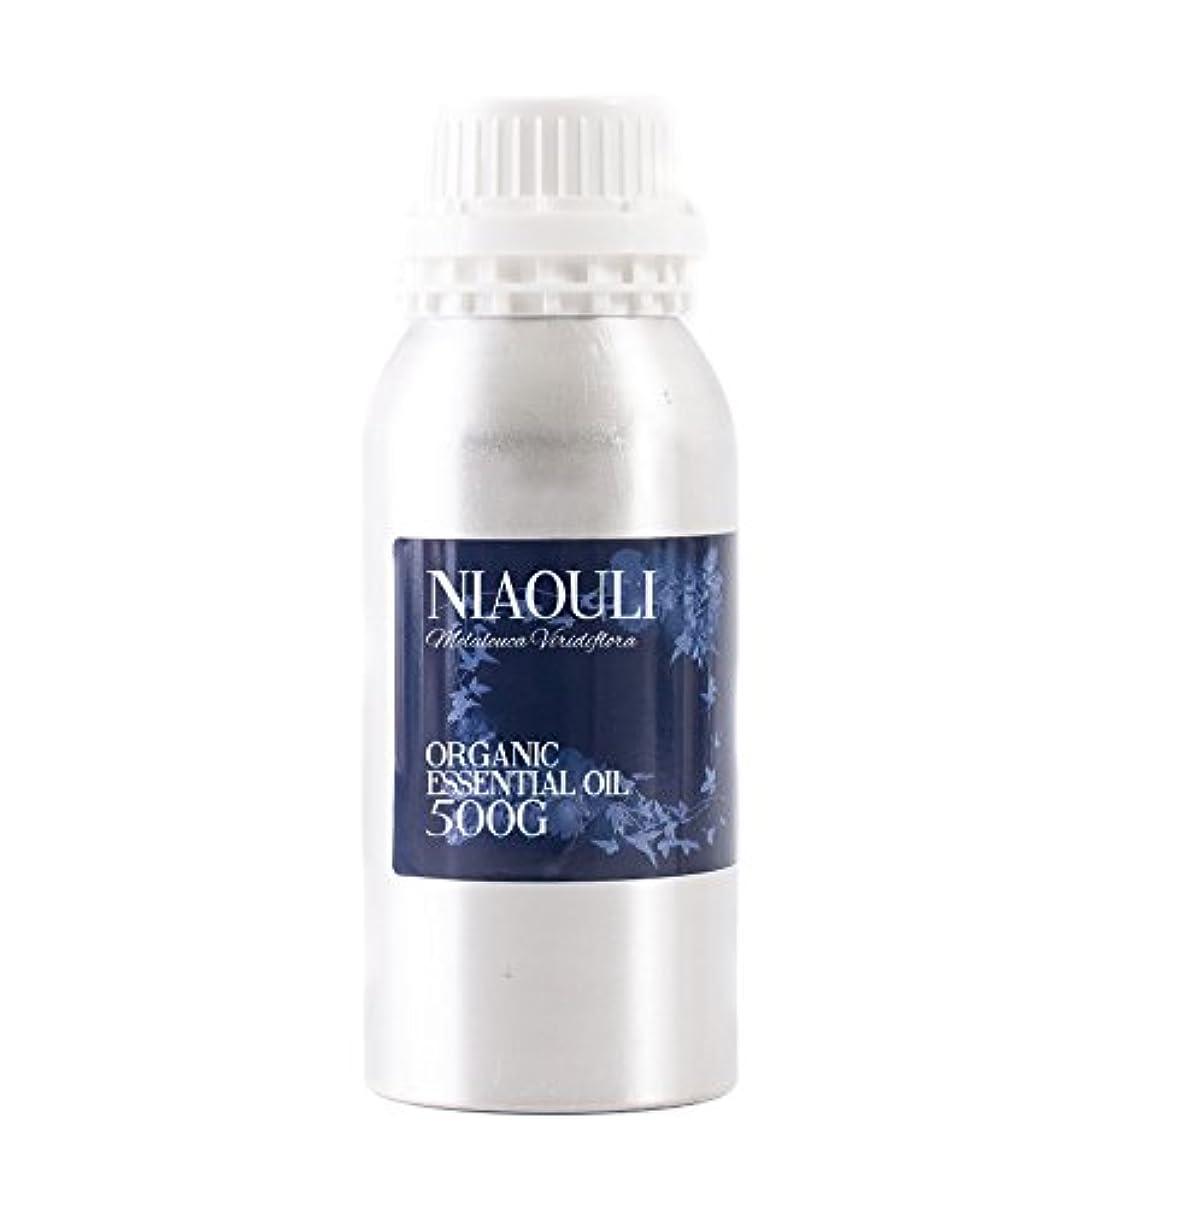 じゃない州アカウントMystic Moments | Niaouli Organic Essential Oil - 500g - 100% Pure